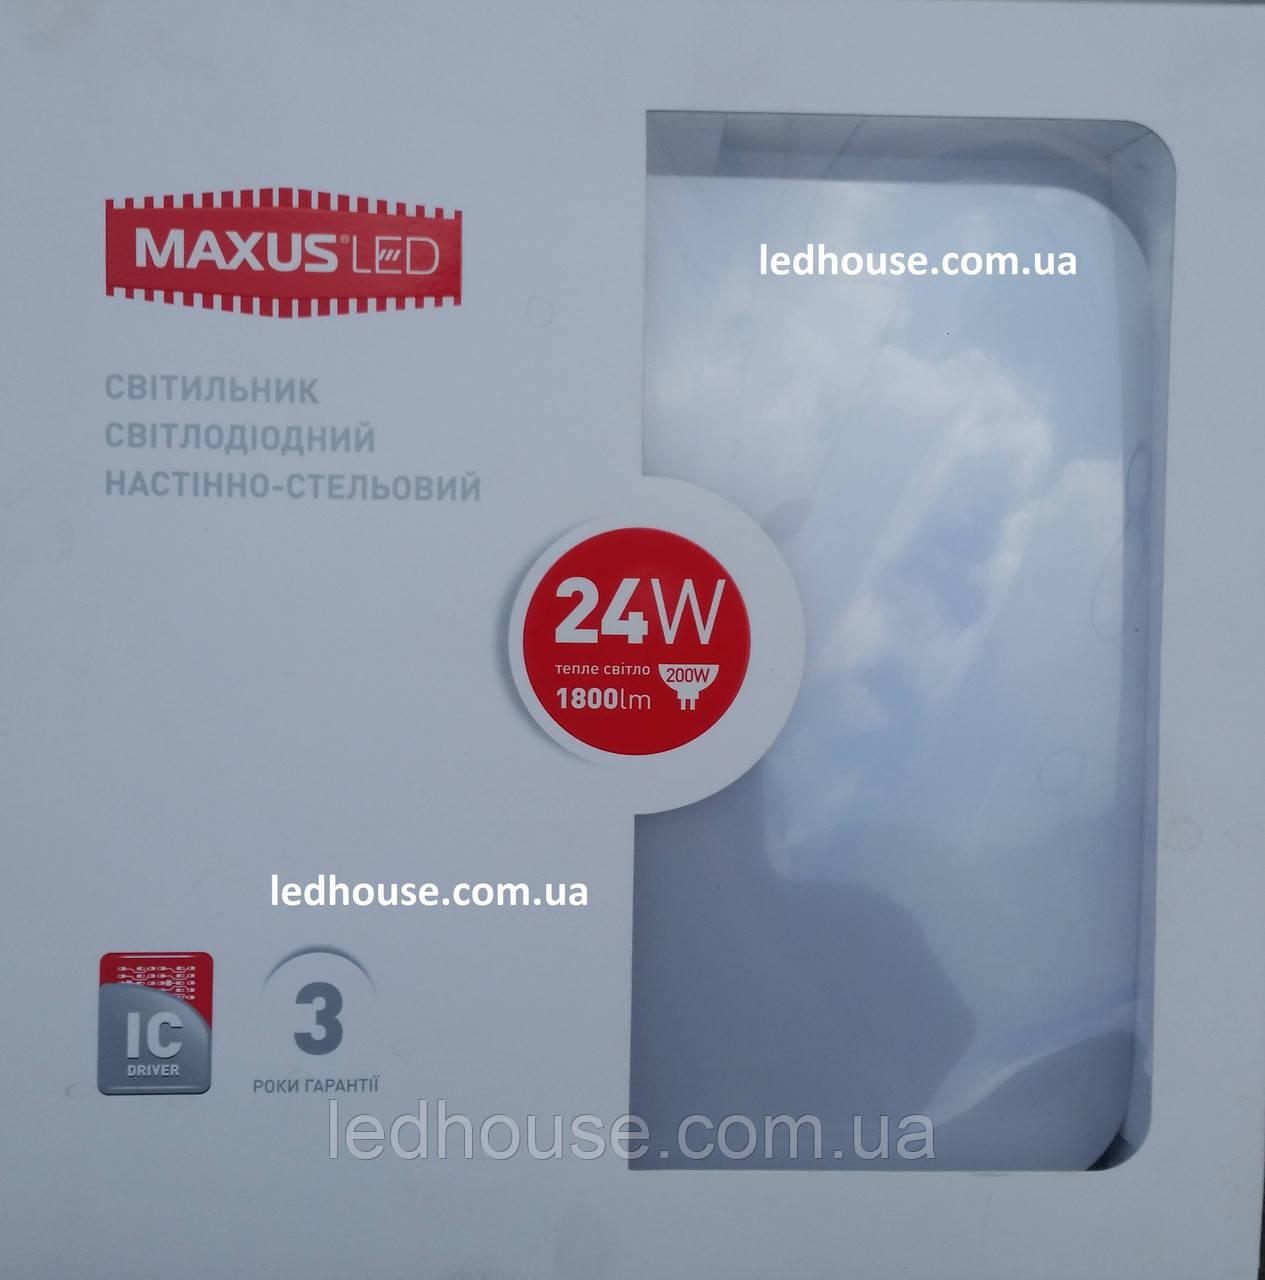 Светильник MAXUS LED настенно-потолочный 24W